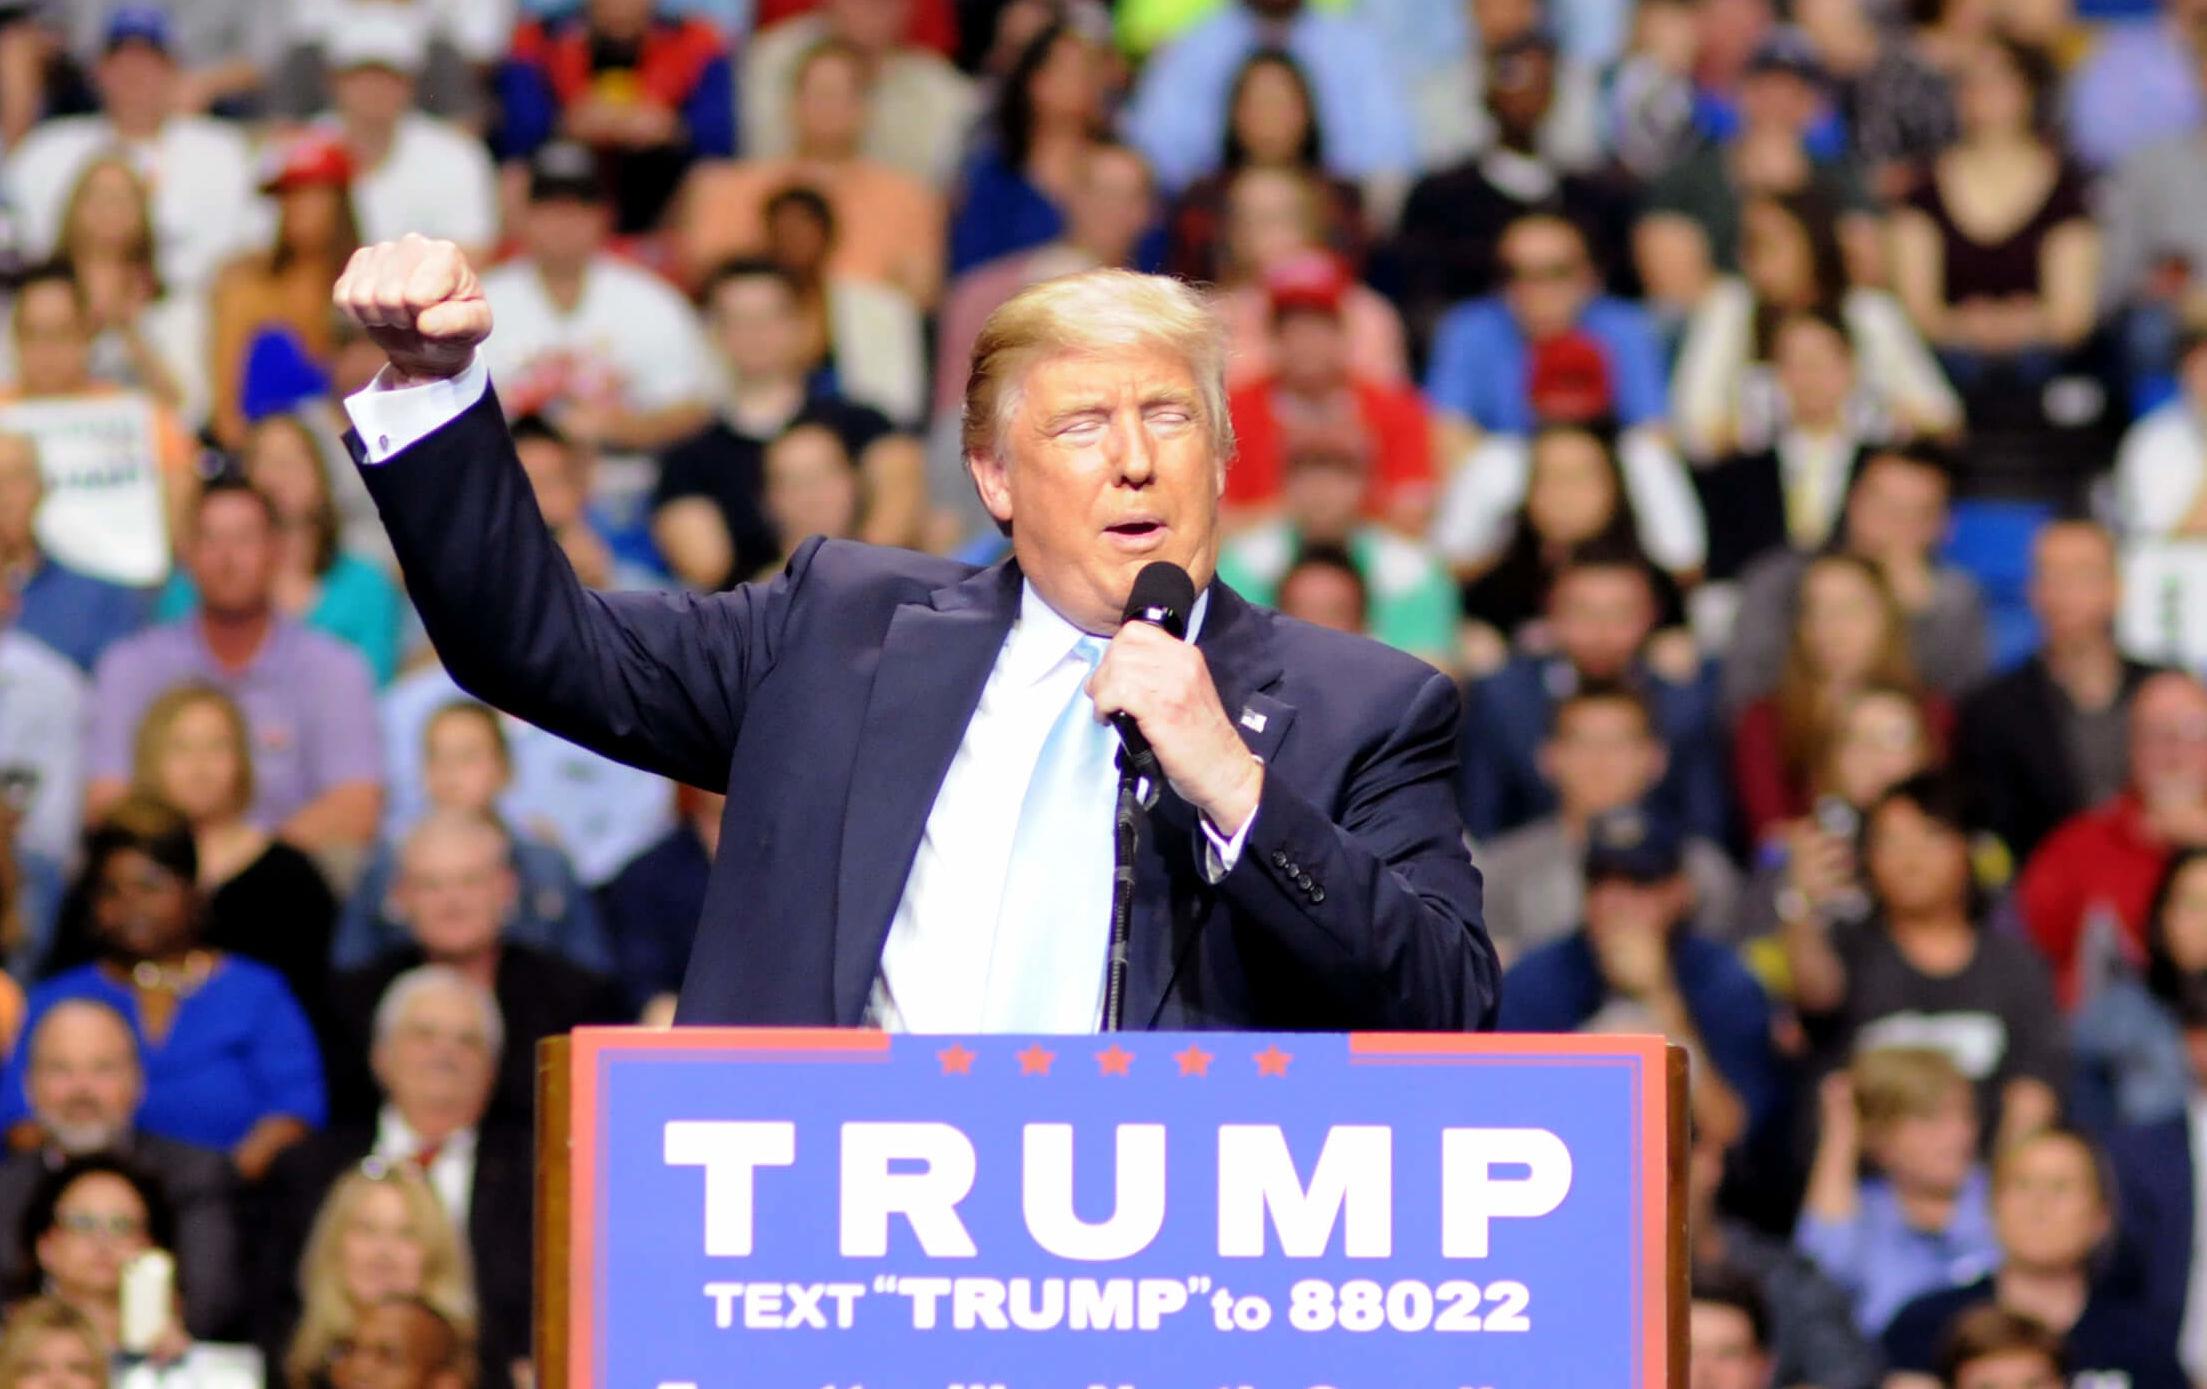 Donald Trump mener han skal klare å få Apple til å produsere sine dingser i USA og frister med skattekutt og fjerning av lover og regler for selskapene.